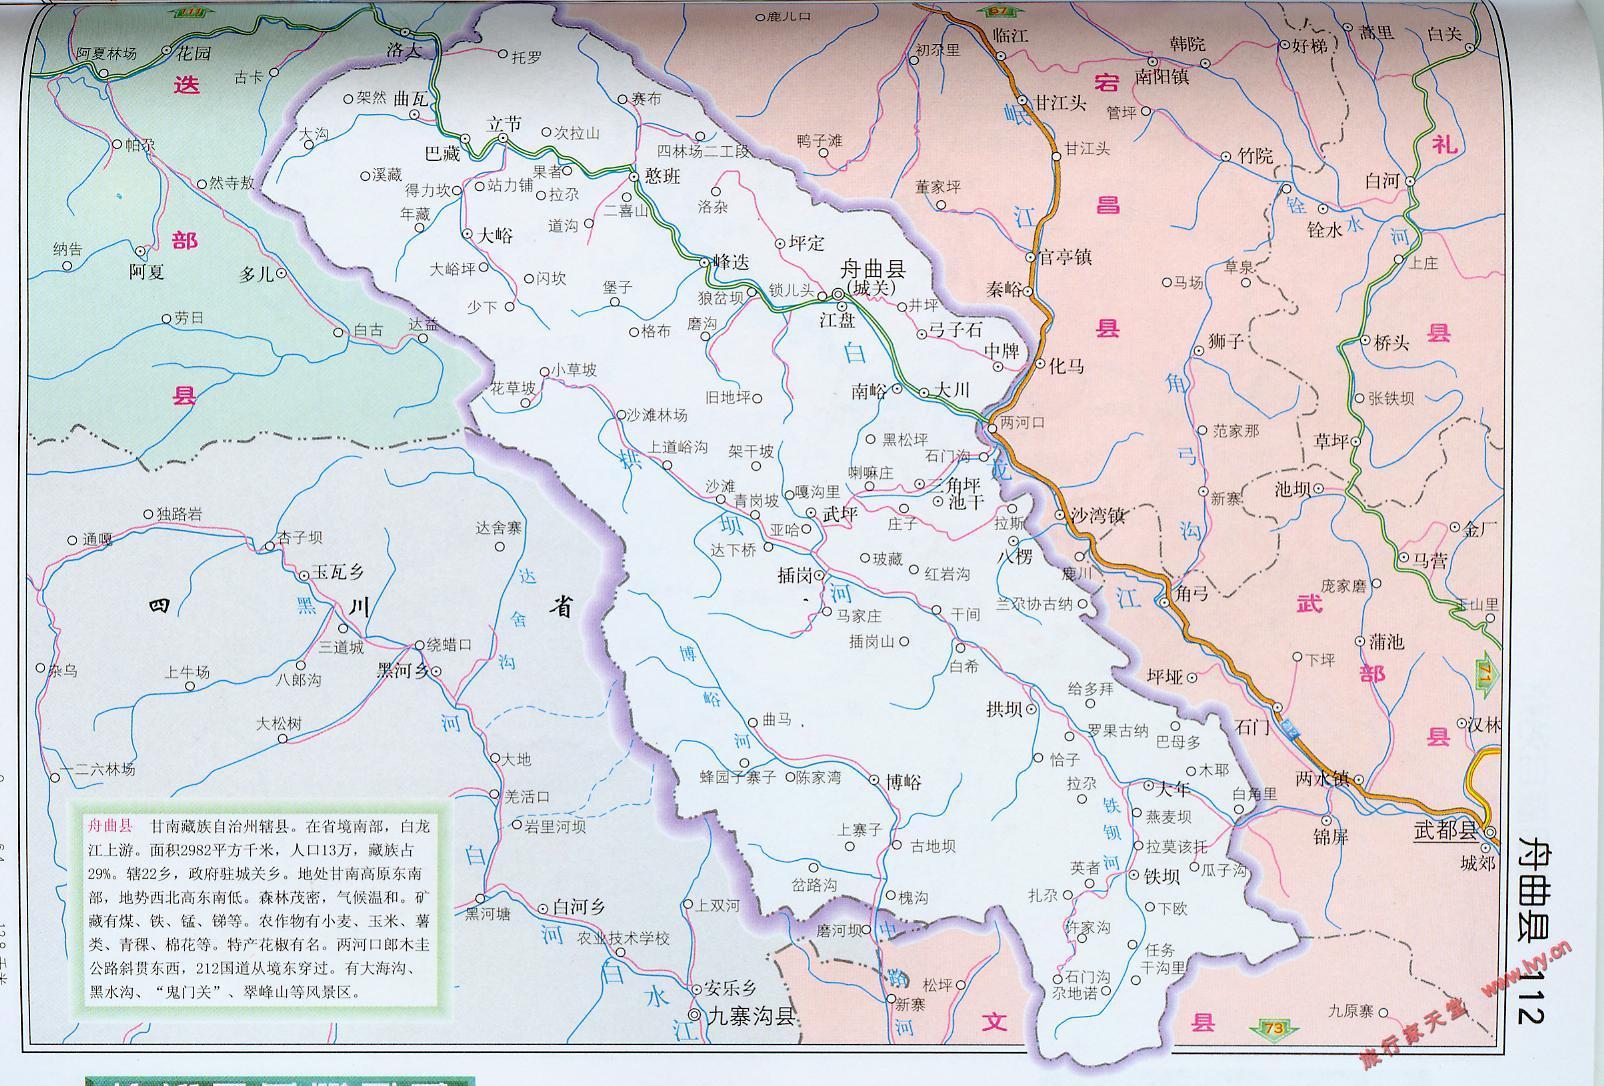 舟曲县地图